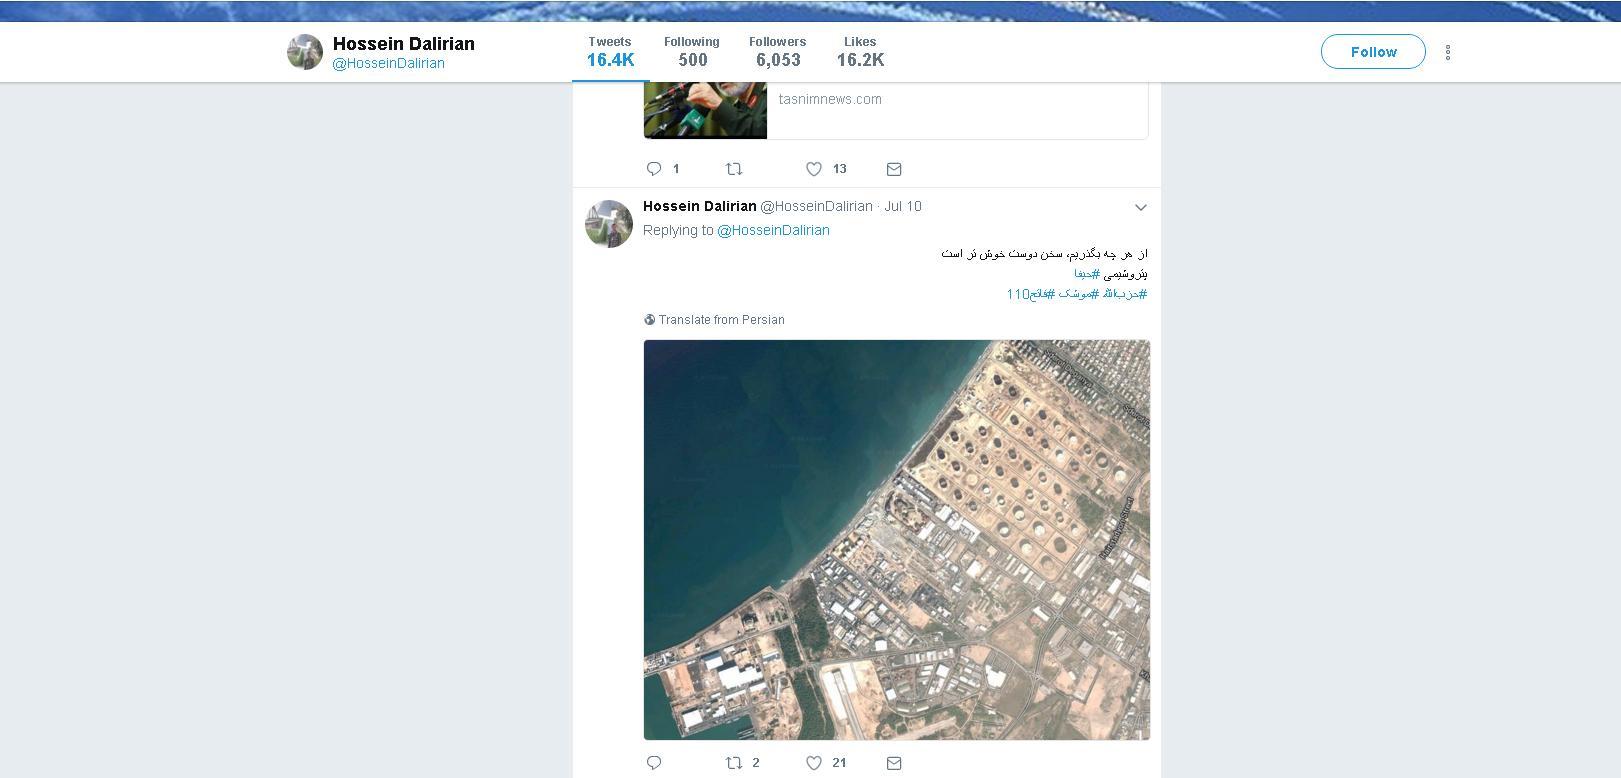 מתוך חשבון הטוויטר של חוסיין דליריאן האיראני